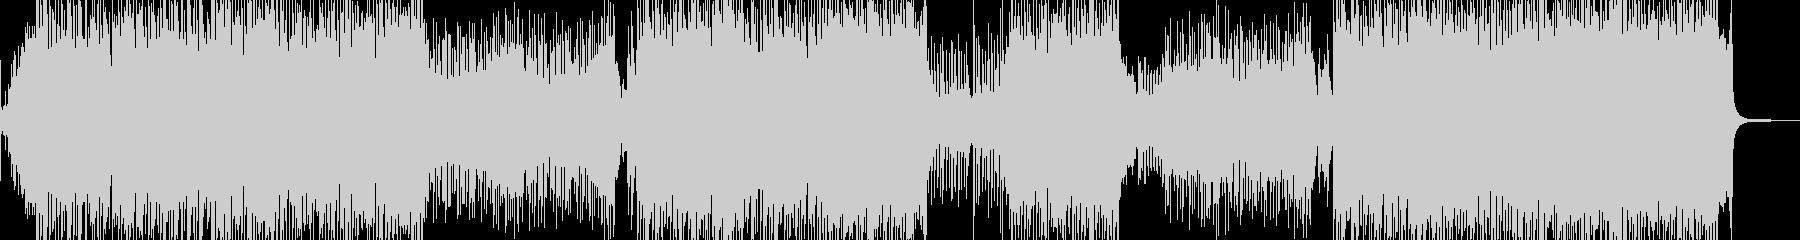 琴・三味線・全速力な演歌調ロック 長尺の未再生の波形